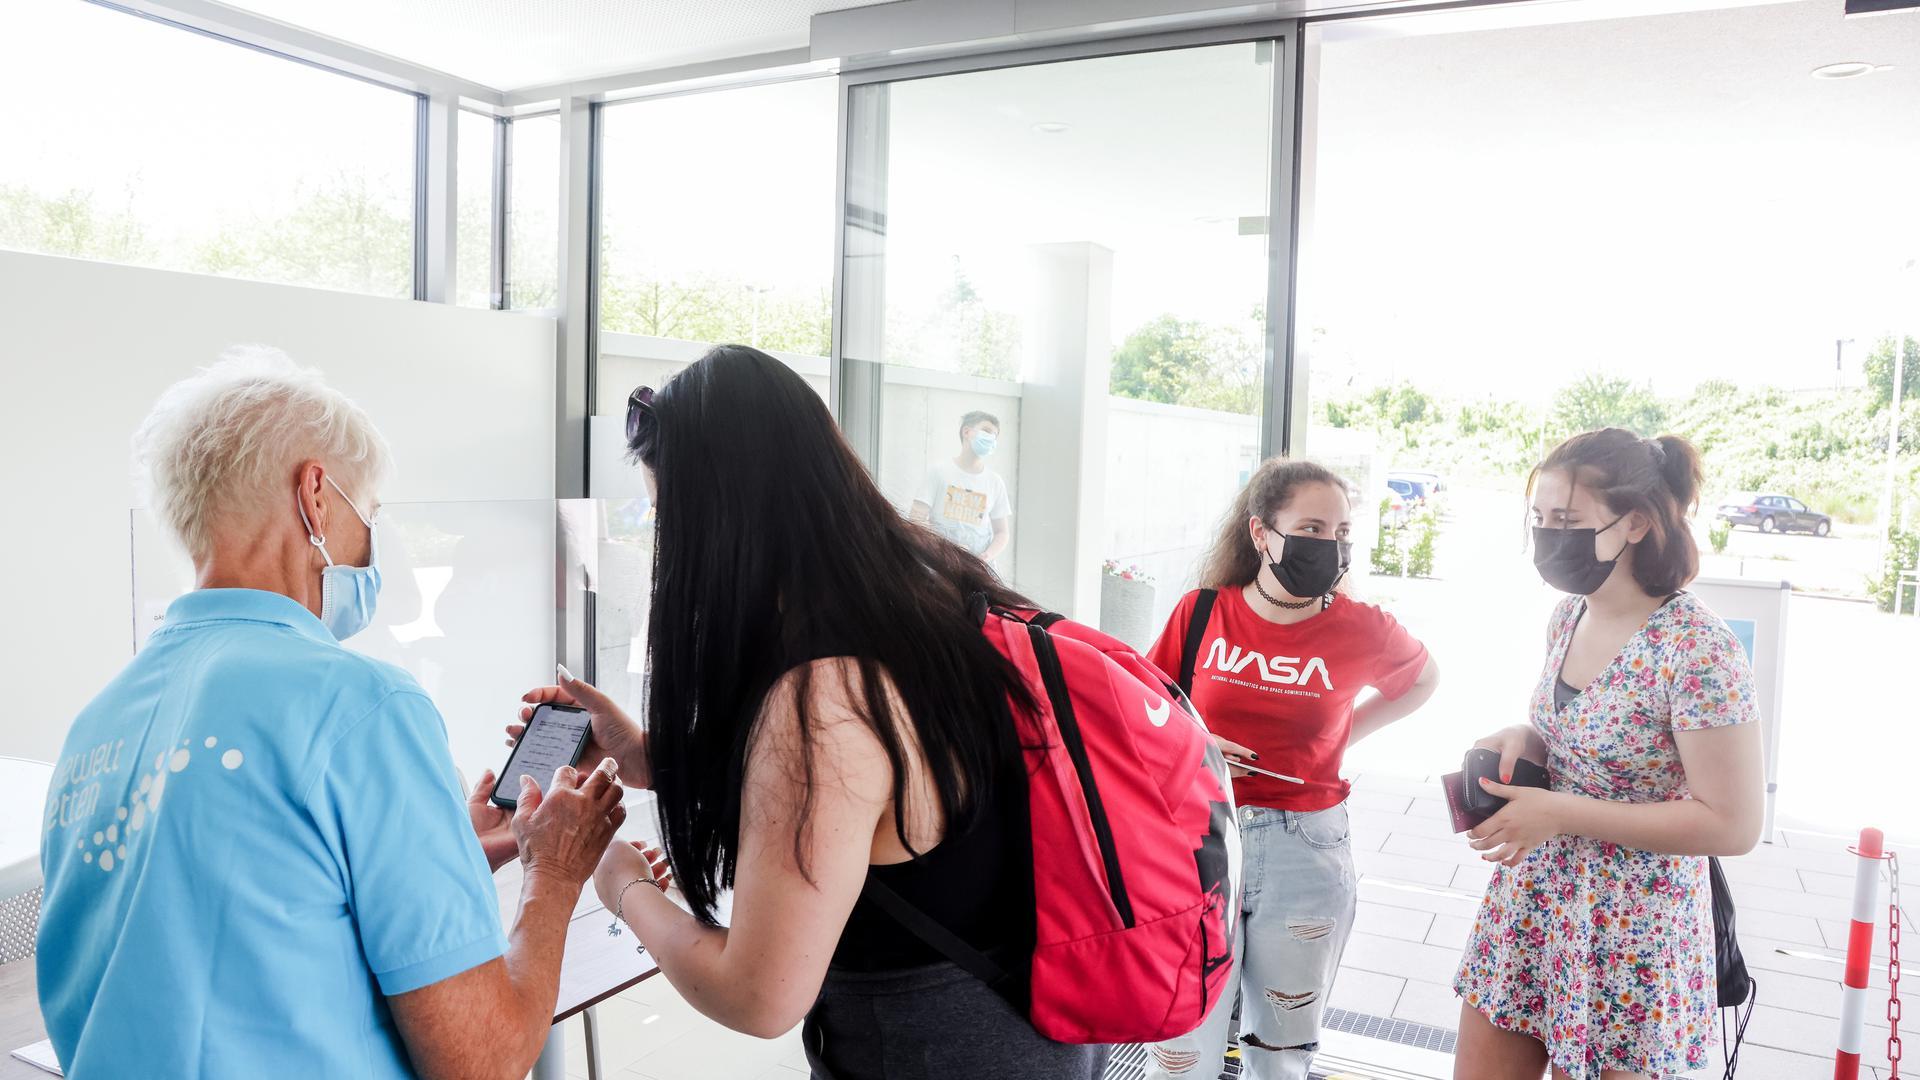 Drei Mädchen checken per Smartphone für die Badewelt ein.